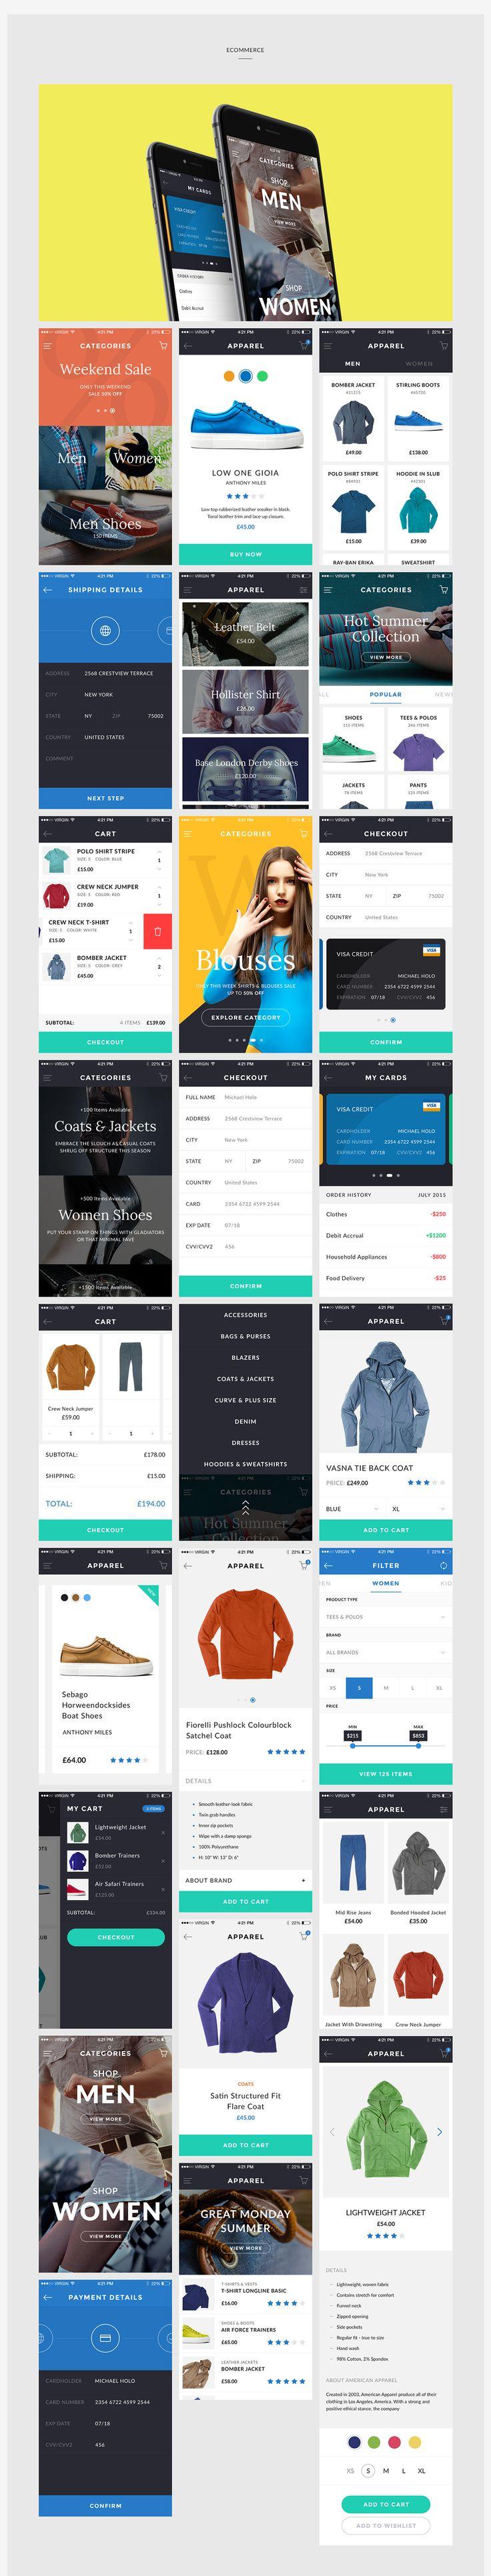 CORE UI Kit on App Design Served